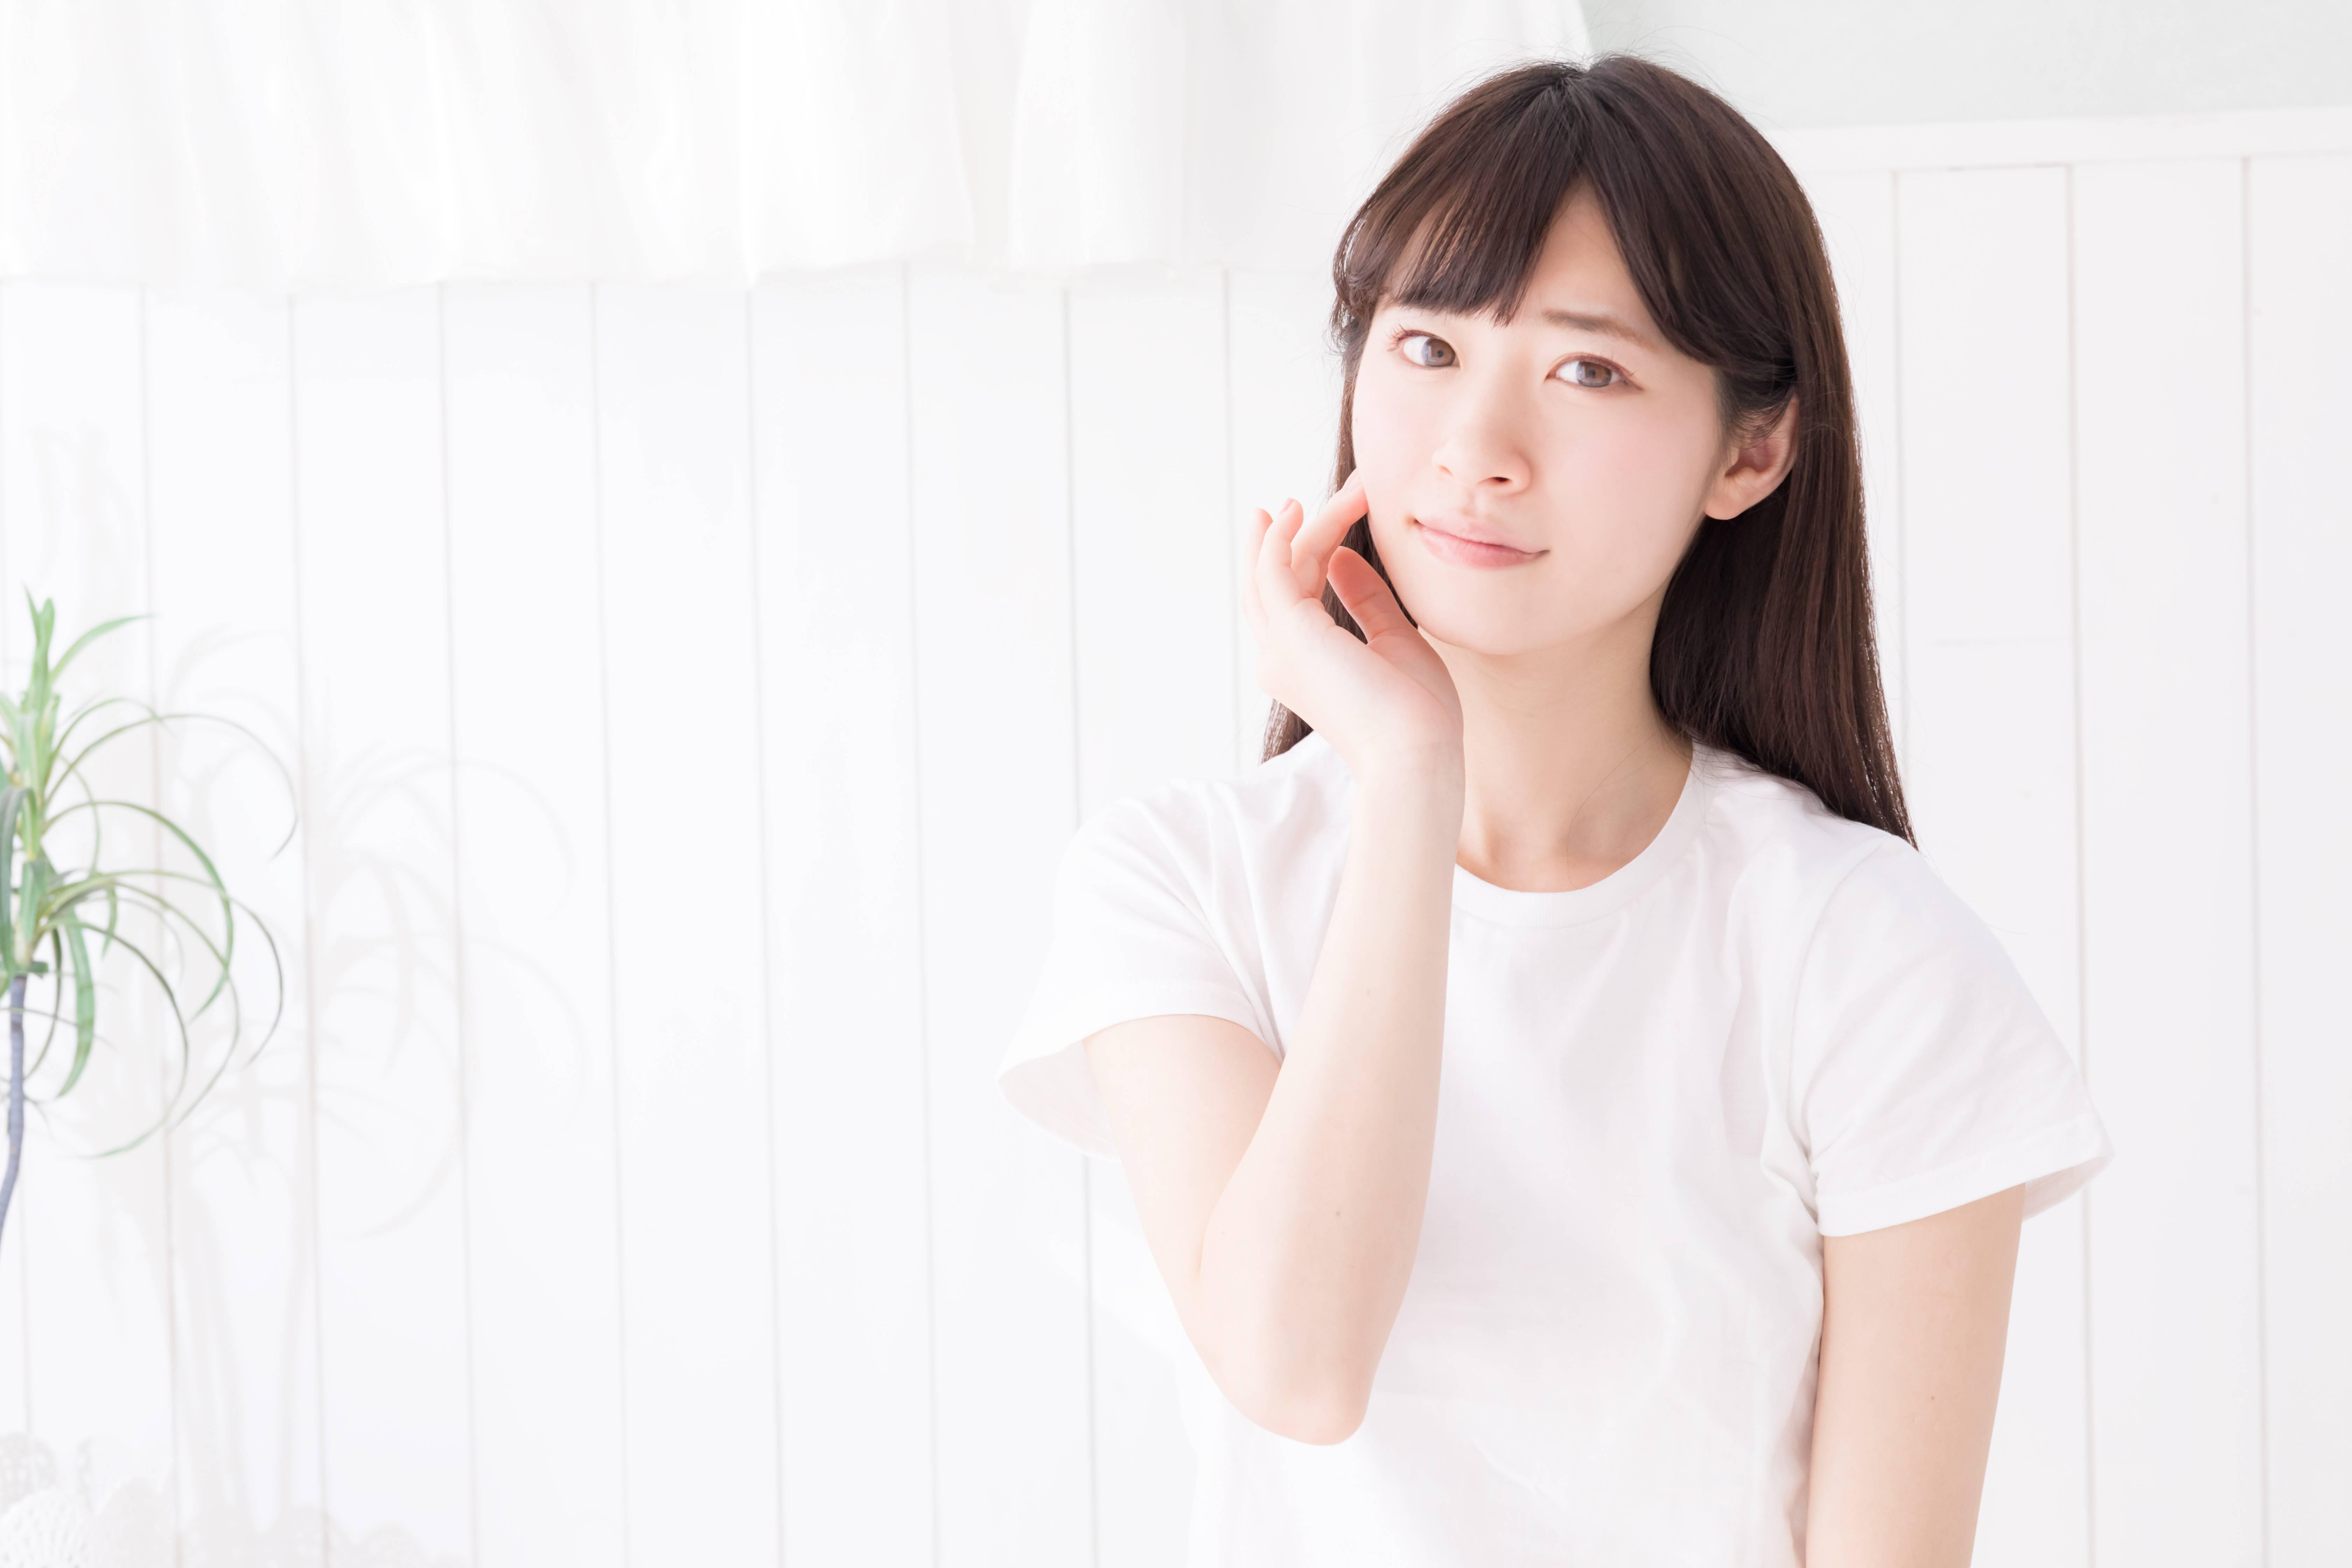 『ネット予約』千代田駅の歯医者さん!おすすめポイントを掲載【6院】